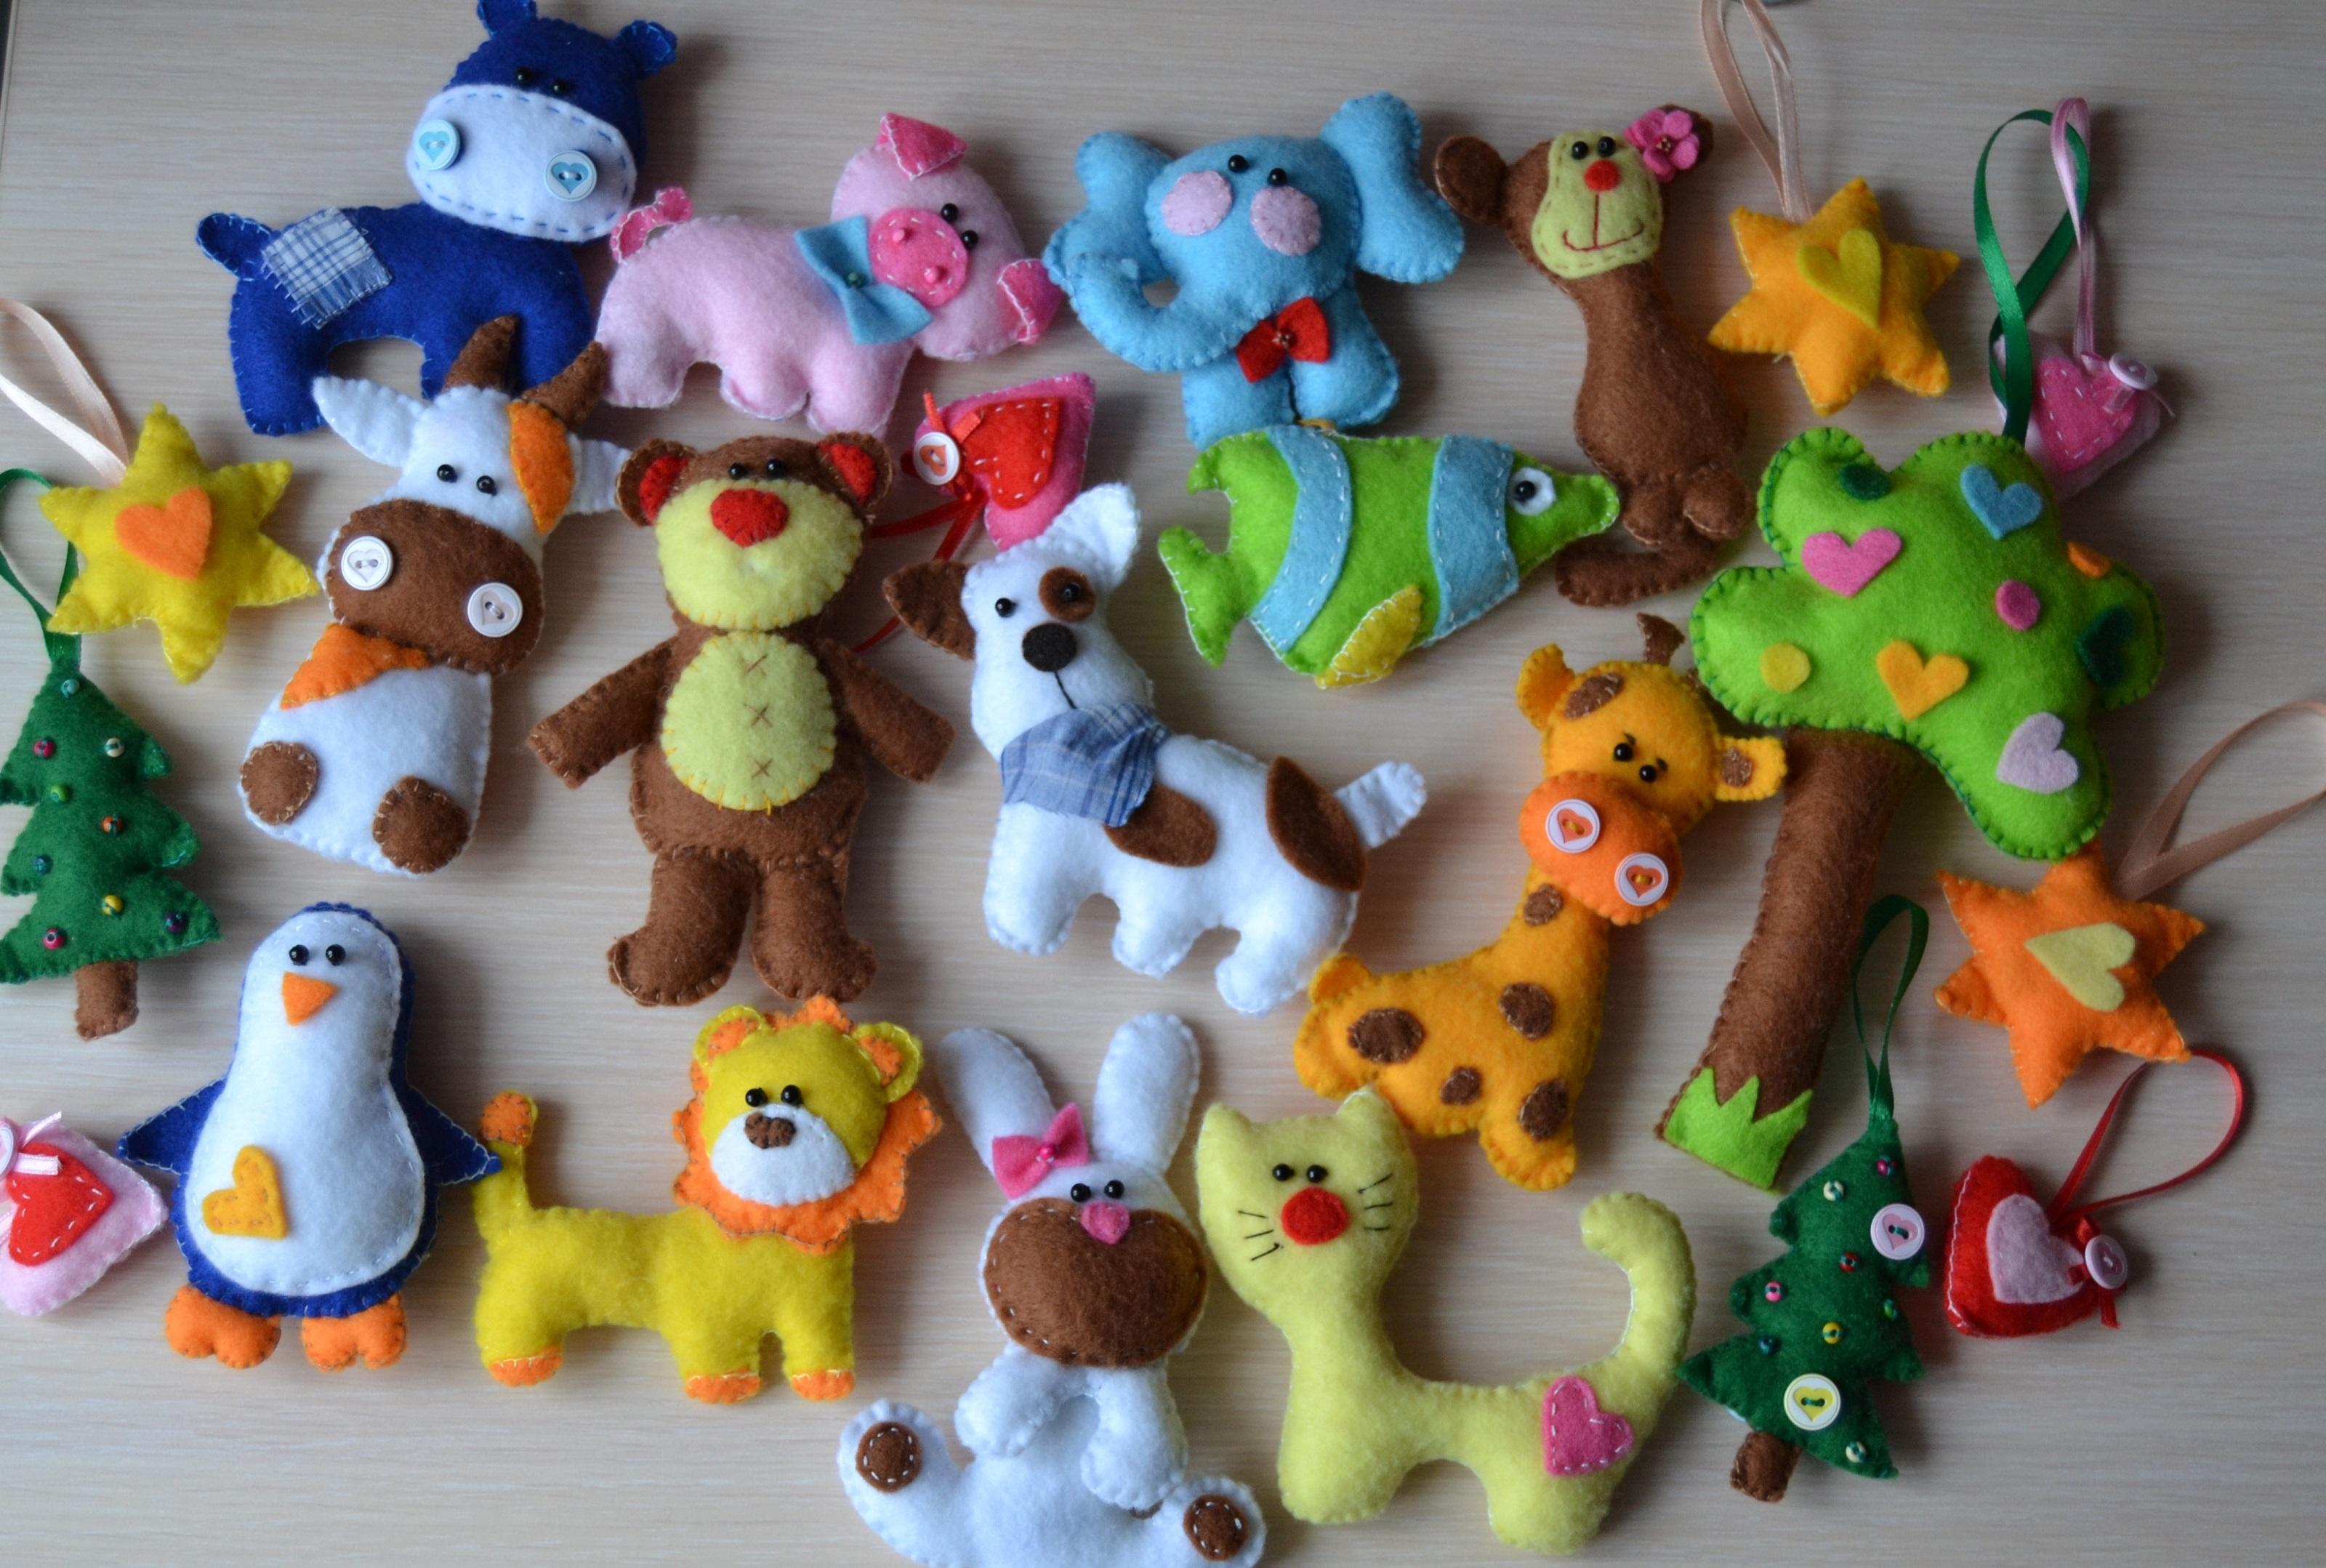 новогодние игрушки своими руками для самых маленьких - карточка от пользователя npocmo174bot в Яндекс.Коллекциях